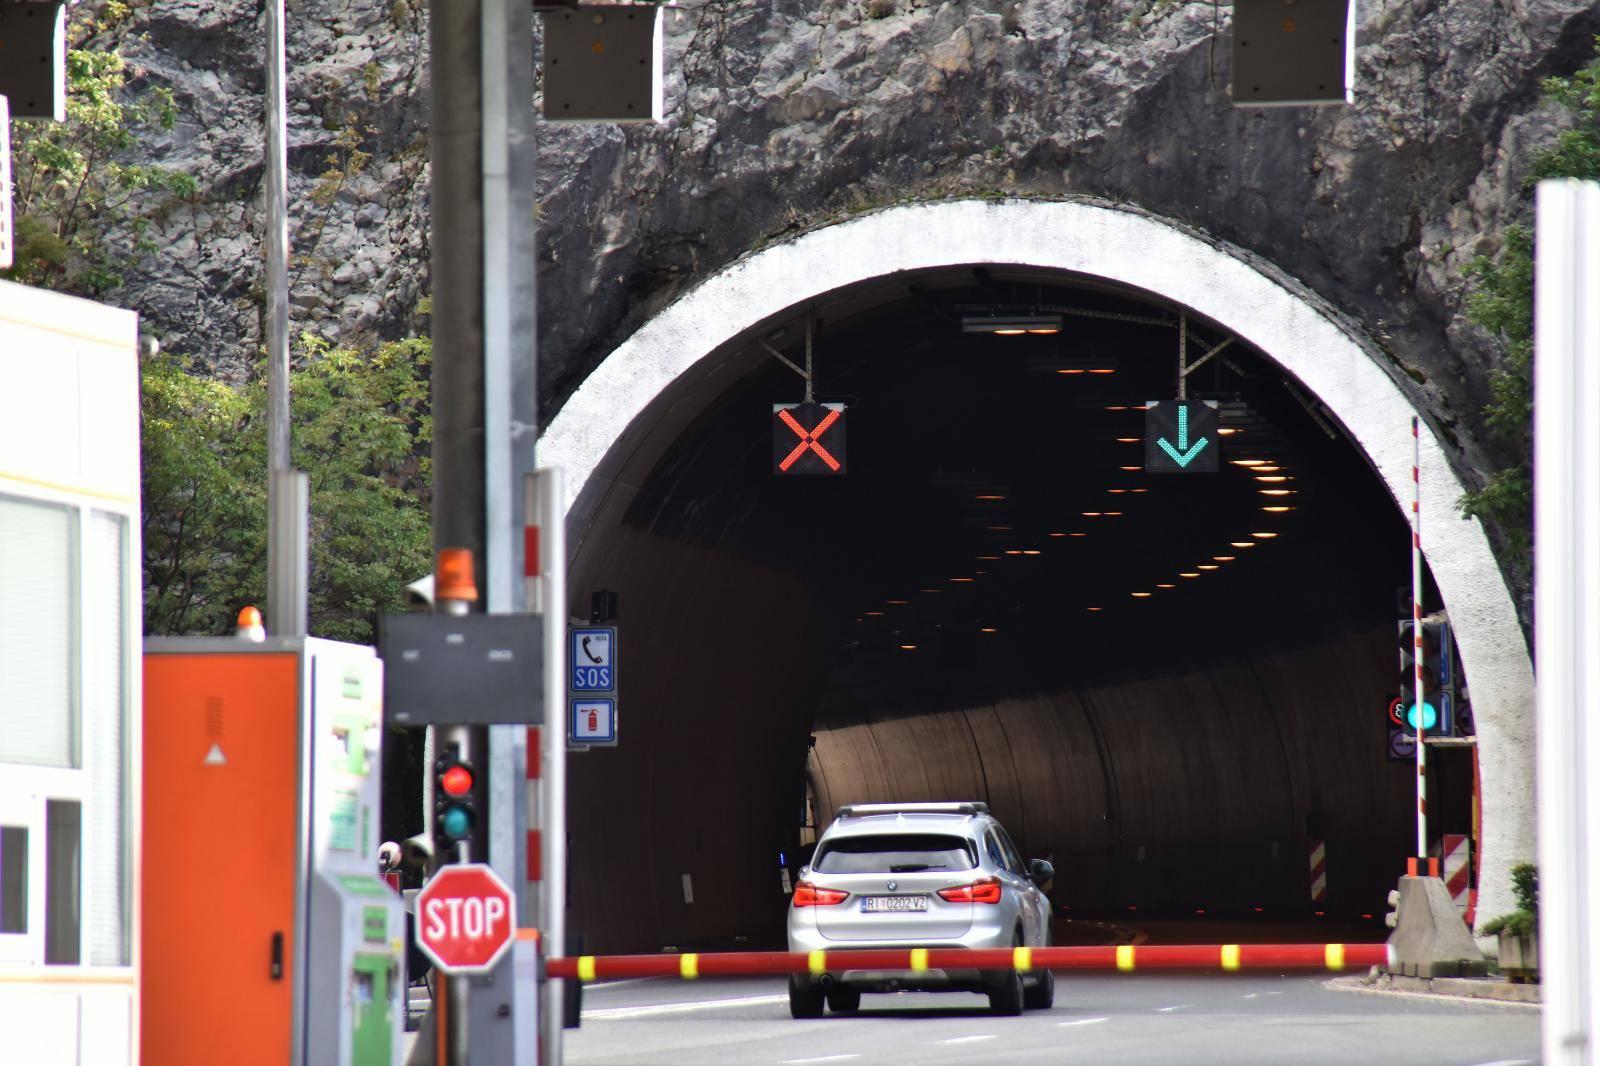 Puni profil Istarskog ipsilona do sezone 2021., druga cijev tunela Učka do početka  2024. godine